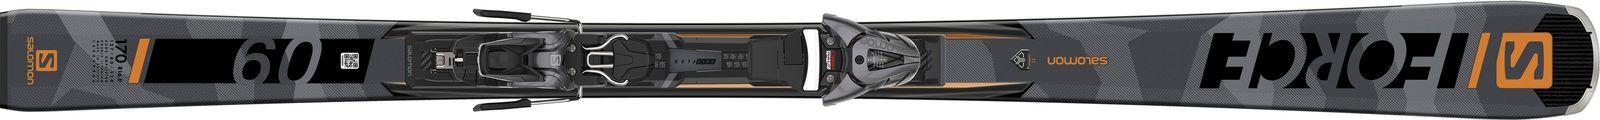 Горные лыжи Salomon E S/Force 9 + Z10 GW L 170, L40915500170, черный, оранжевый, рост 170 см